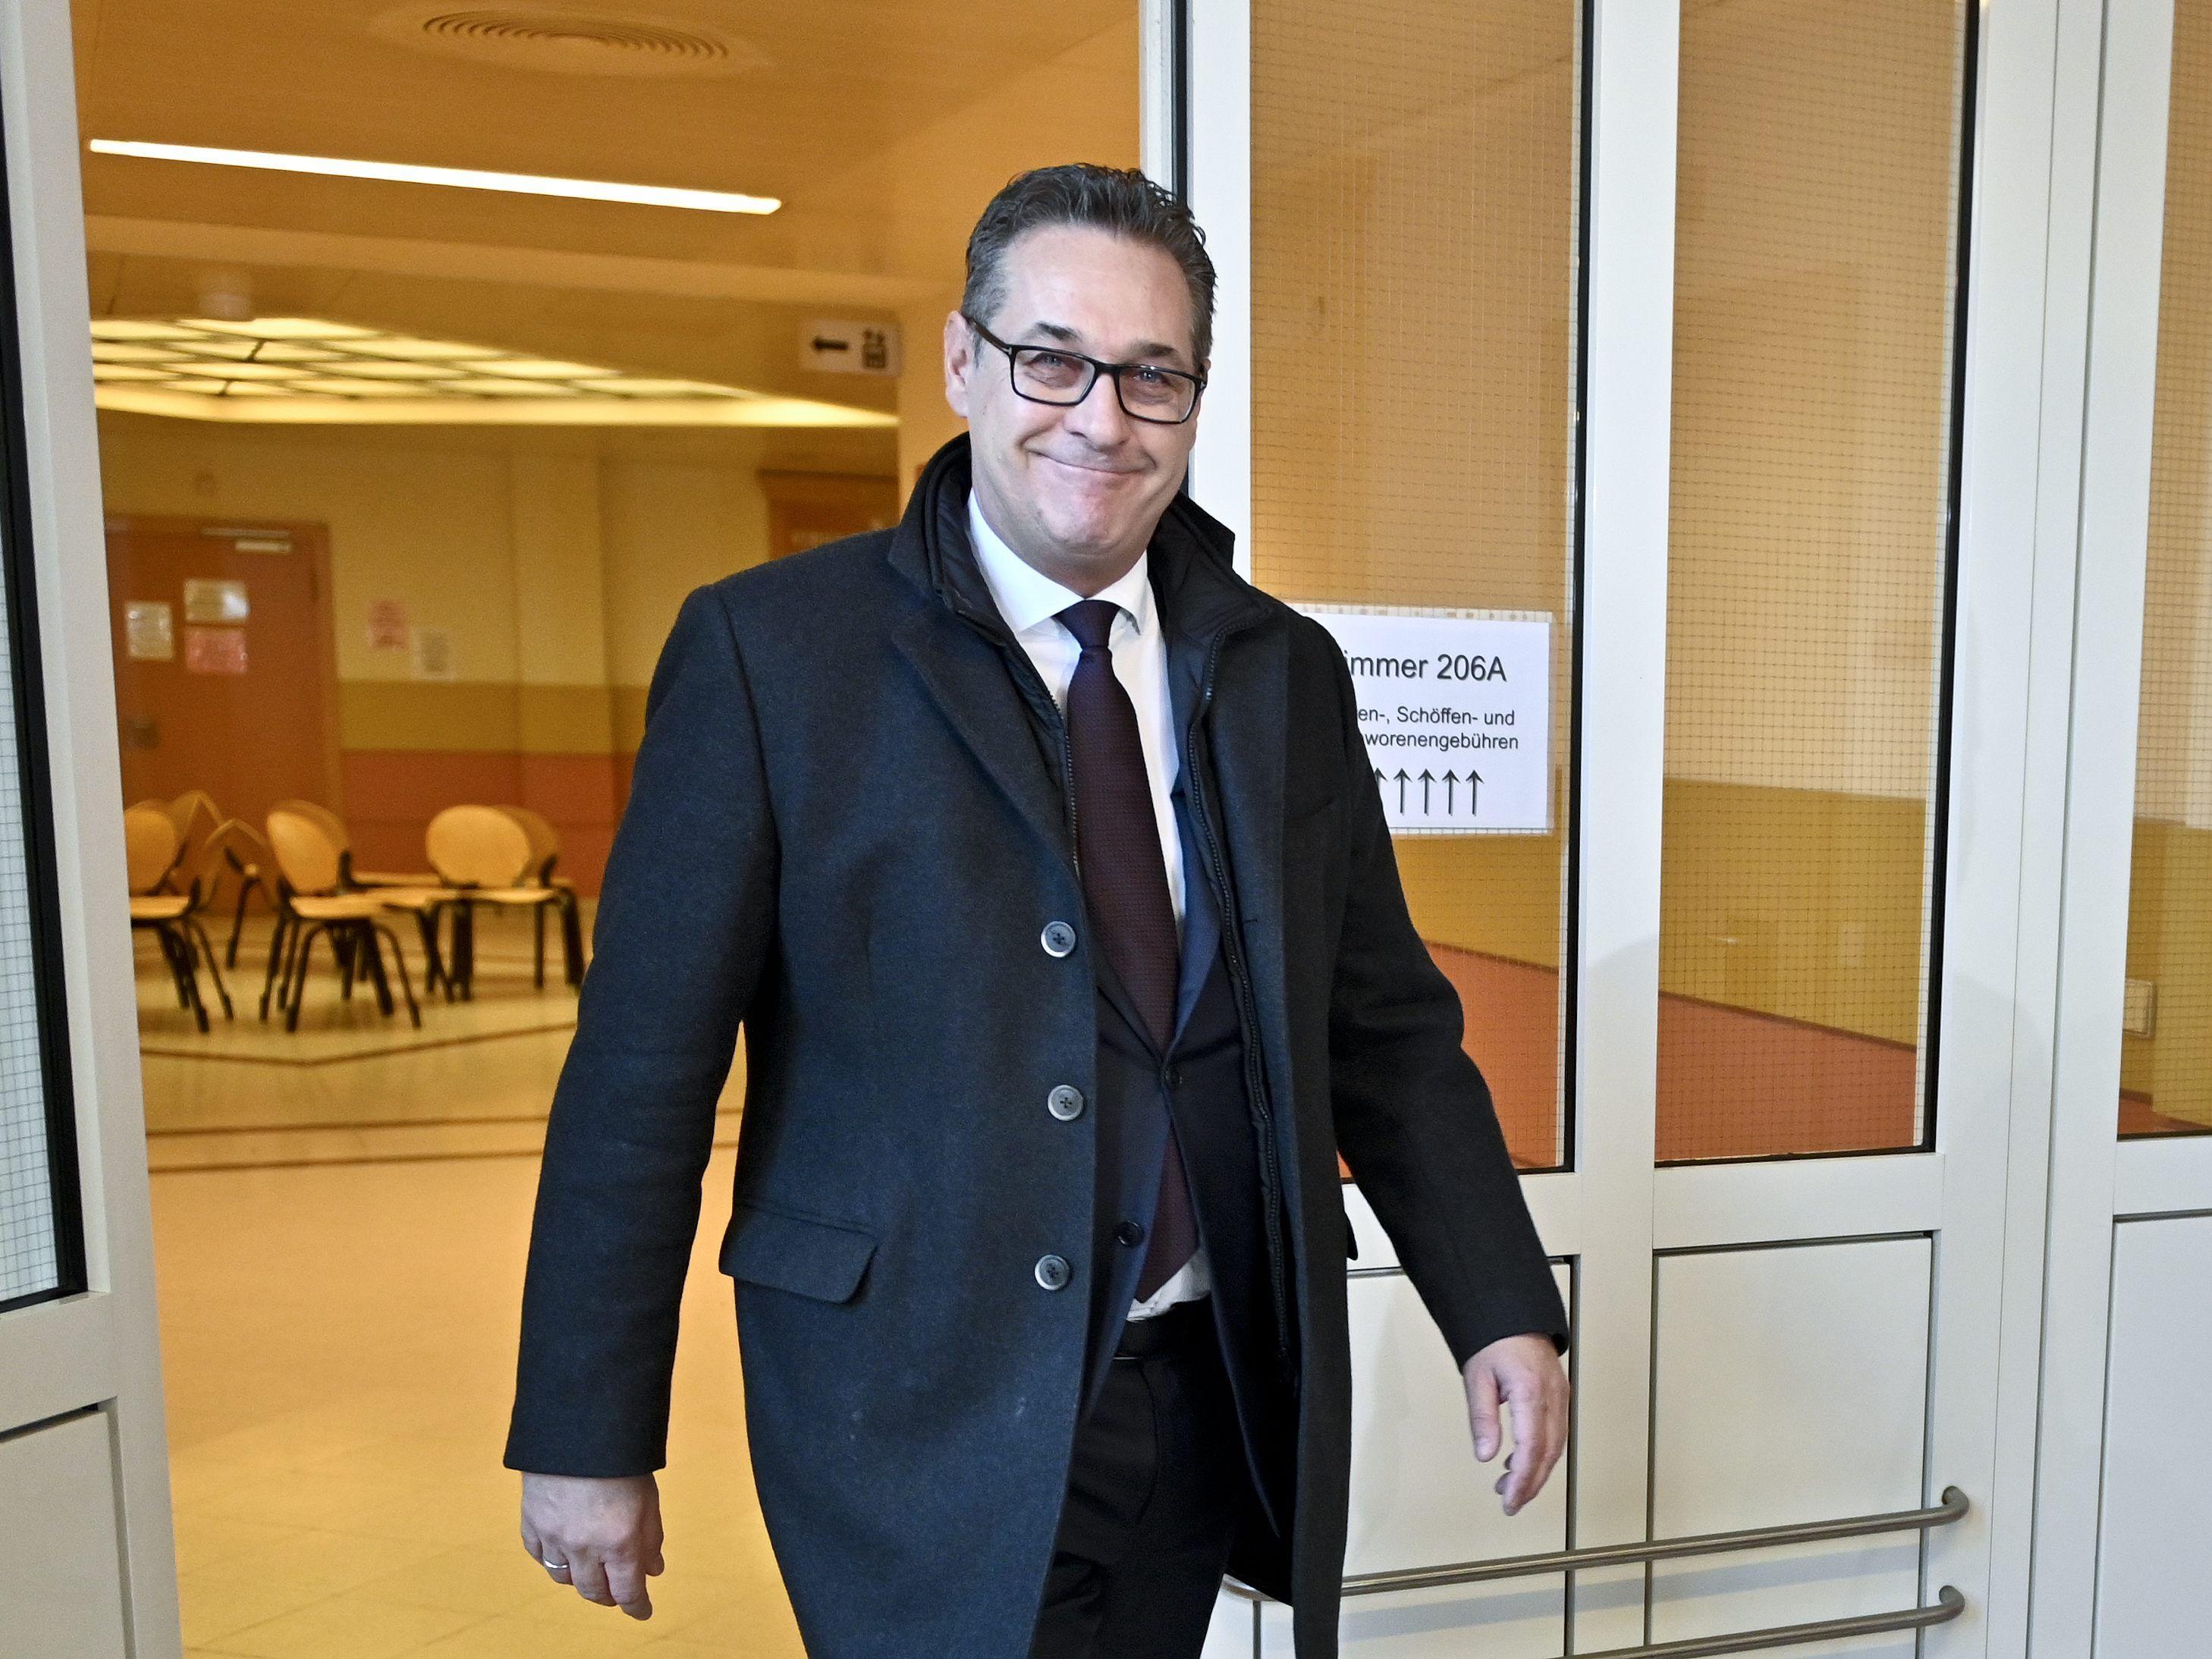 FPÖ-Spaltung: Politberater räumt